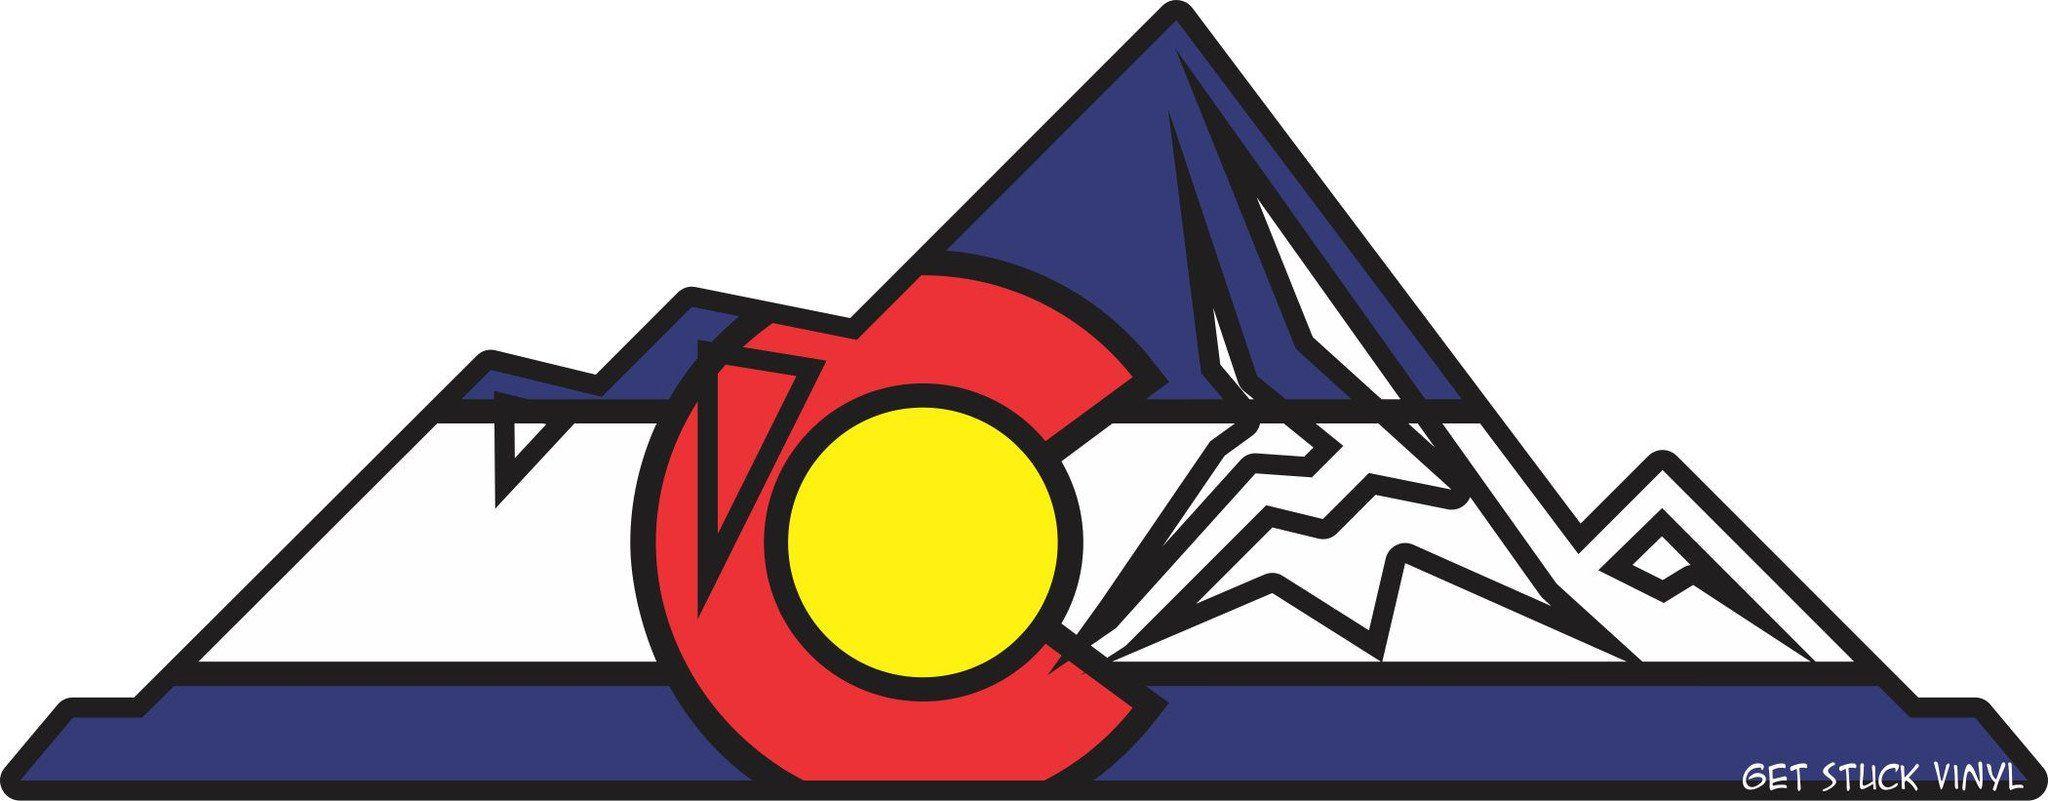 Colorado mountains 1 sticker